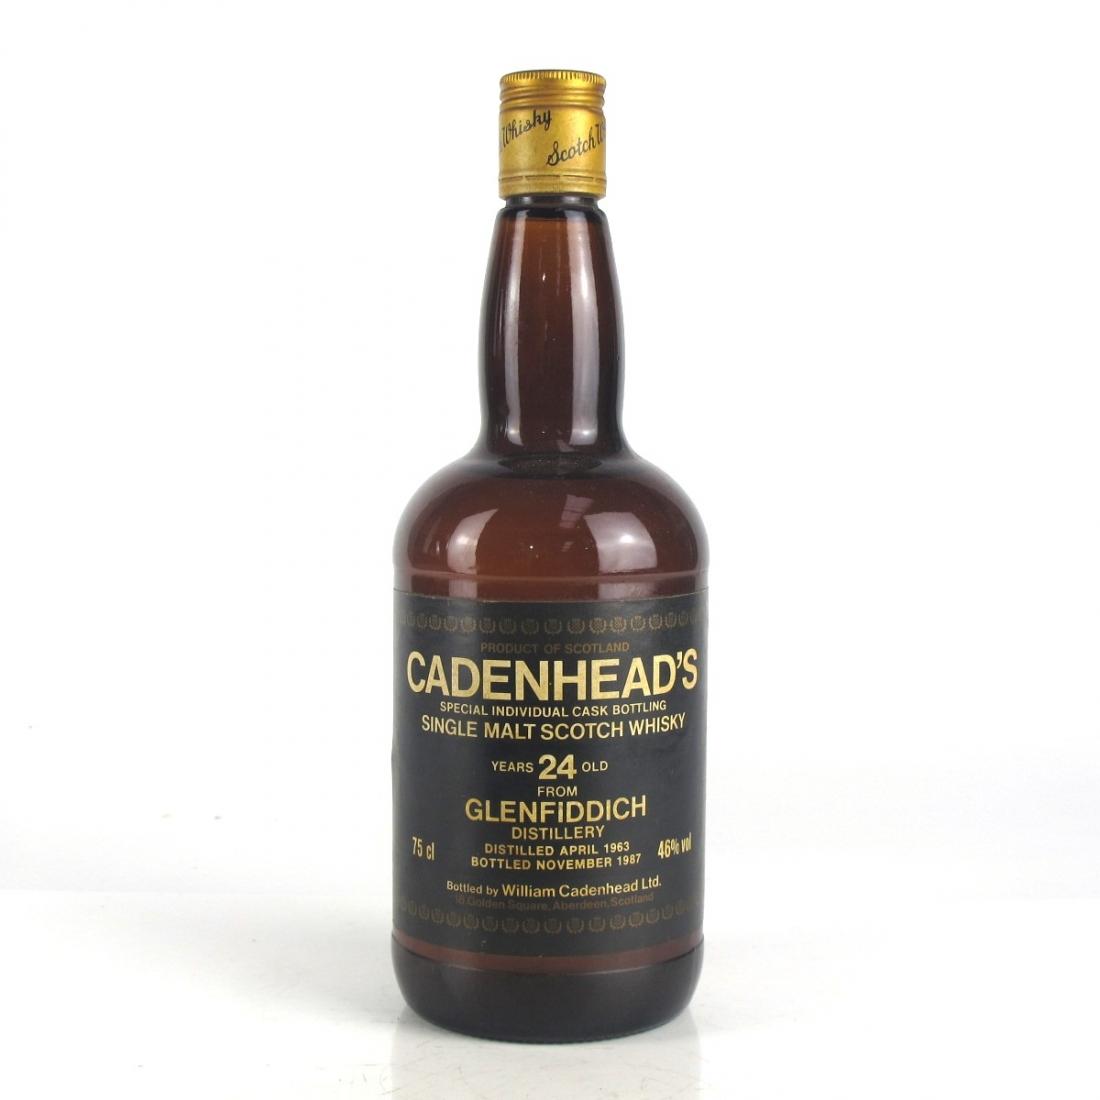 Glenfiddich 1963 Cadenhead's 24 Year Old